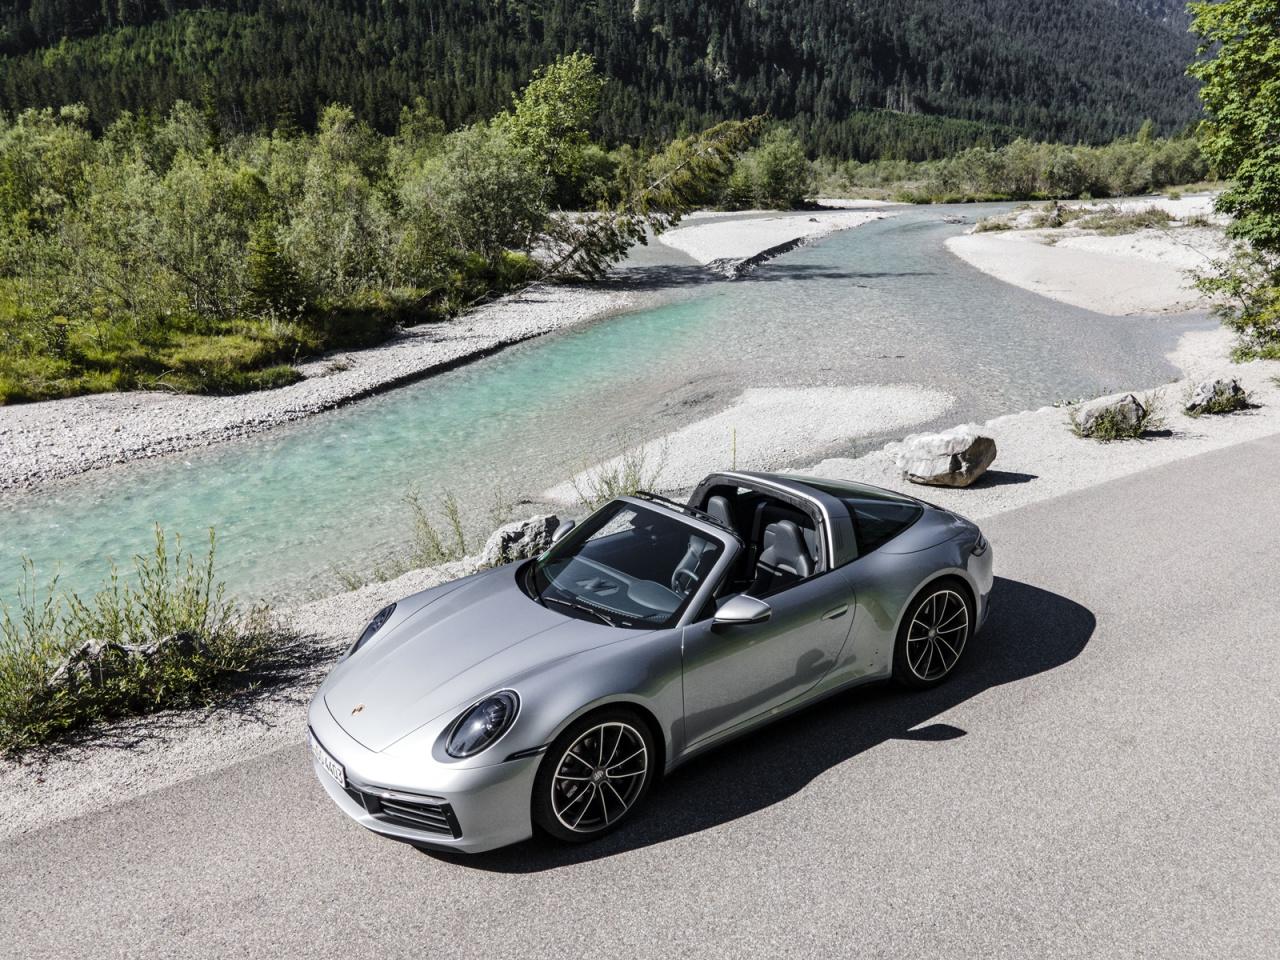 Fahrbericht: So fährt der Porsche 911 Targa 4S: Nichts